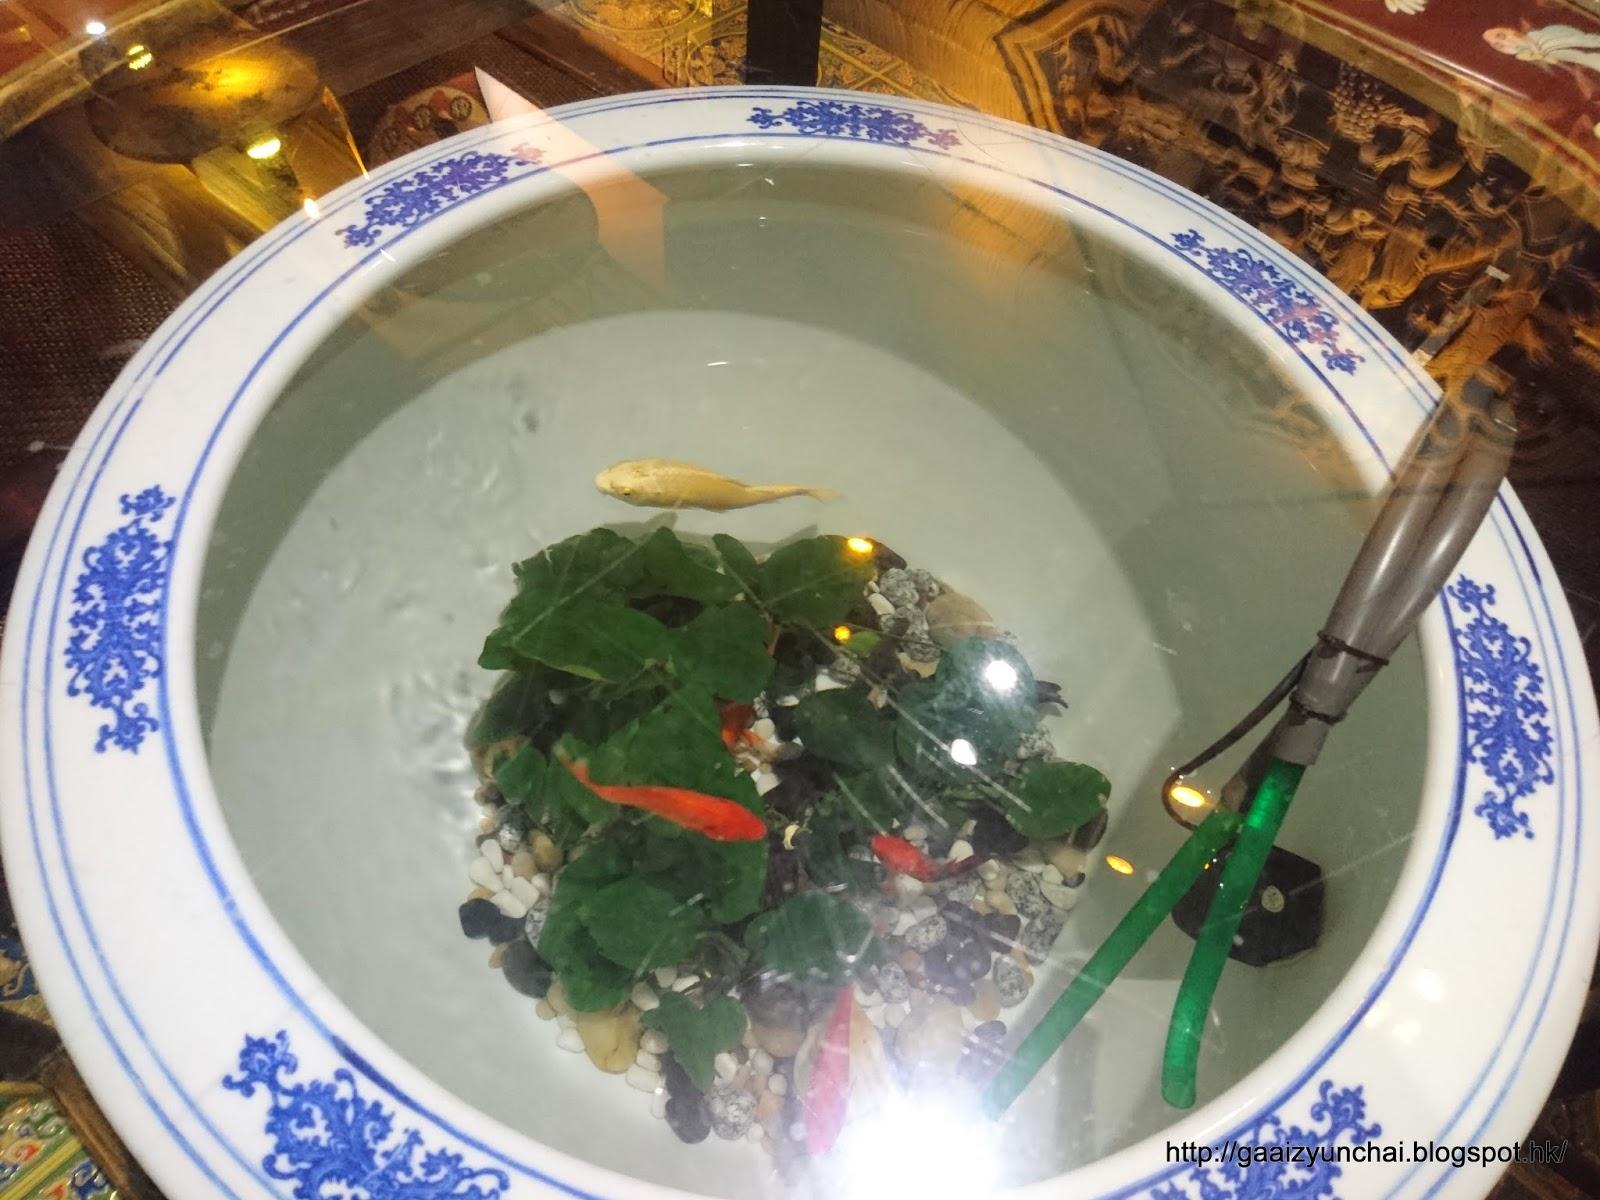 貪食階磚仔~隨心分享: 北京老家-古色古香、充滿中國特色北京夜。濃厚京菜農家風味